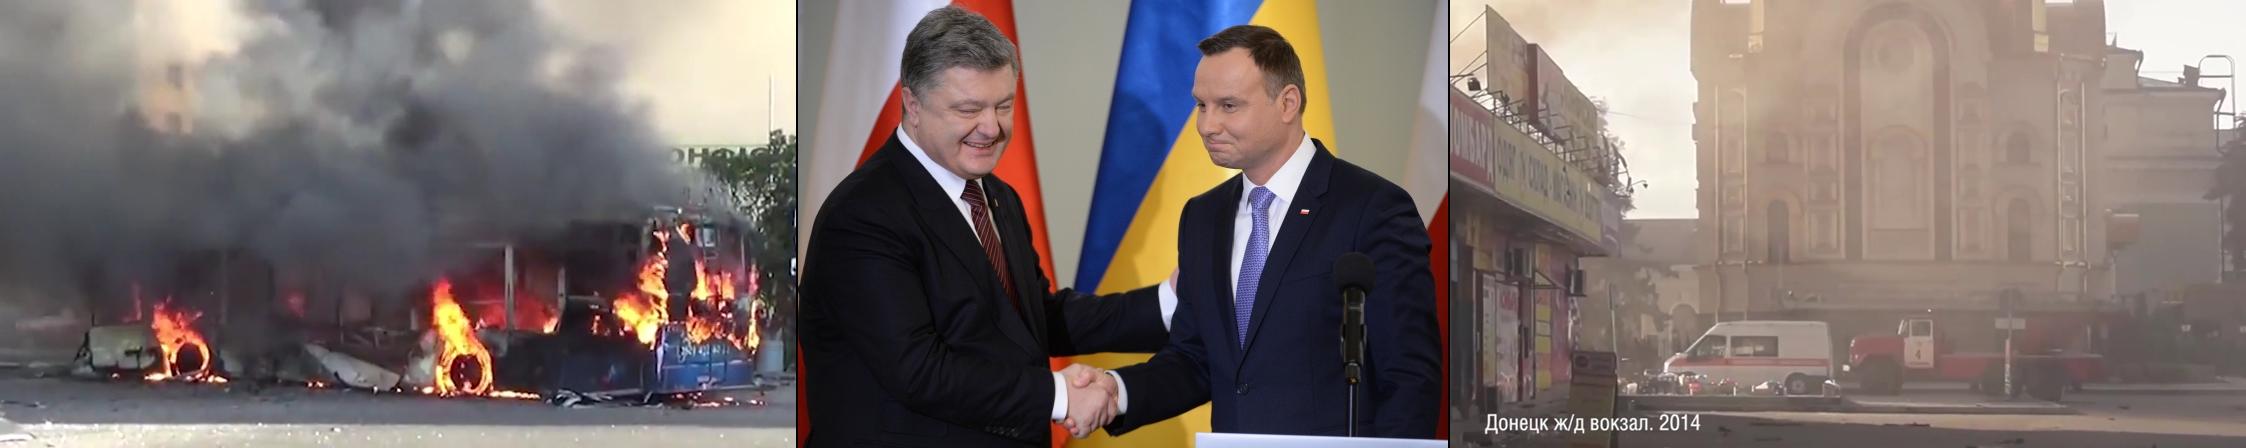 Пётр Порошенко: Другого повода для войны просто не существует...